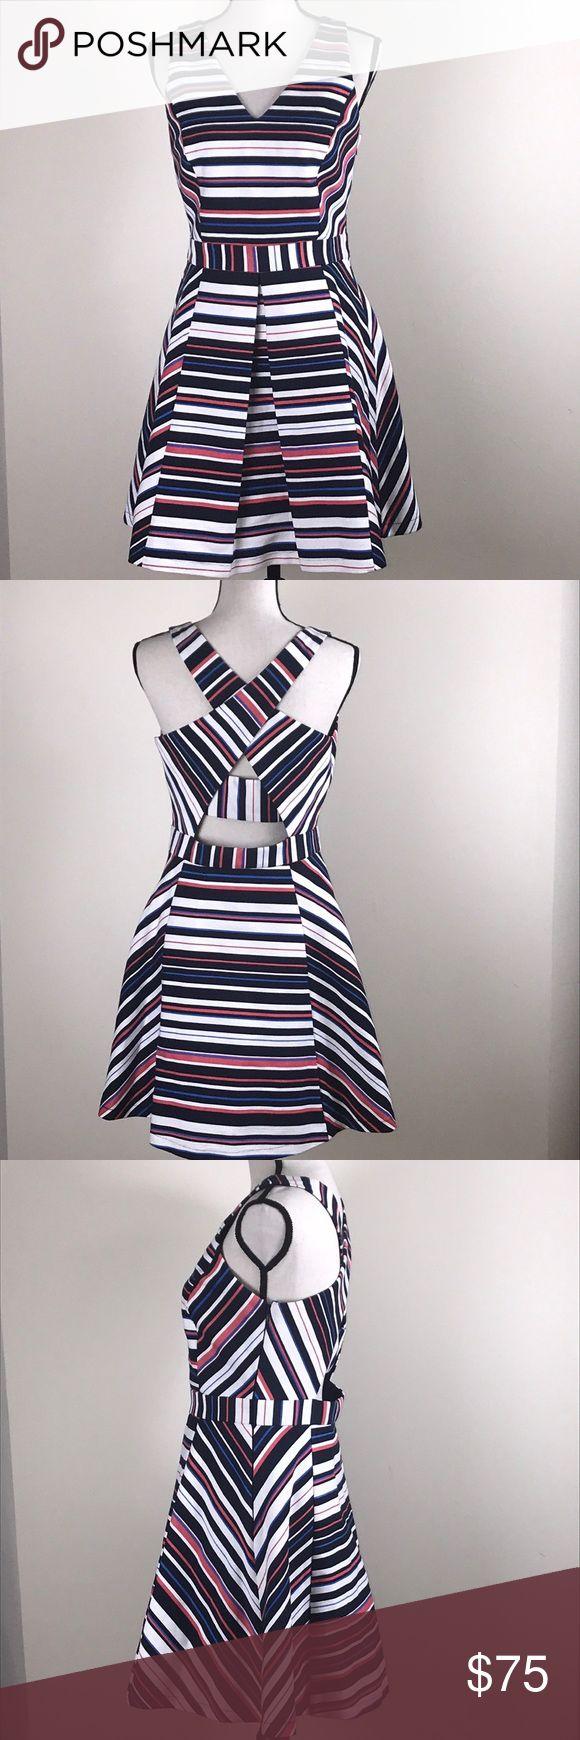 Anthropologie Adelyn Rae Dress Anthropologie Adelyn Rae Treena V-Neck Dress Navy Dry Clean Only Navy Blue, White, Salmon & Blue Anthropologie Dresses